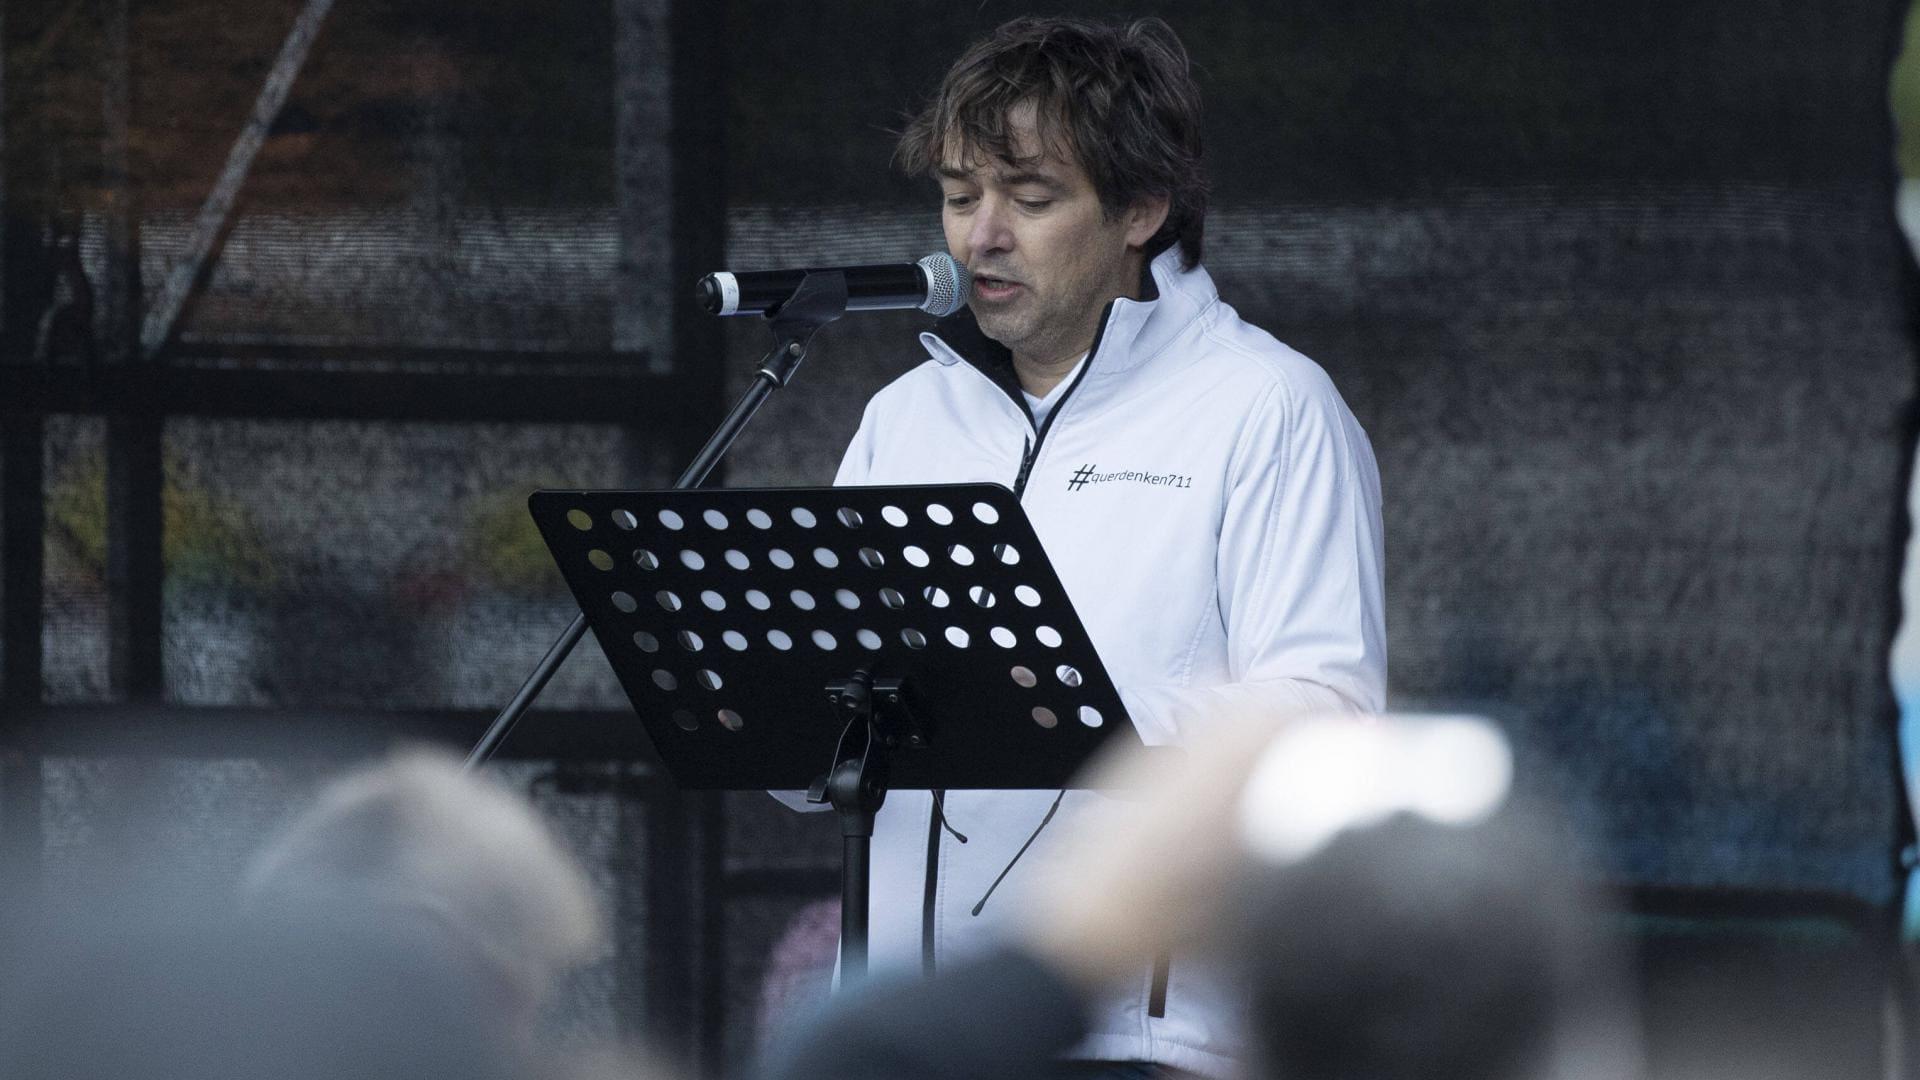 Michael Ballweg